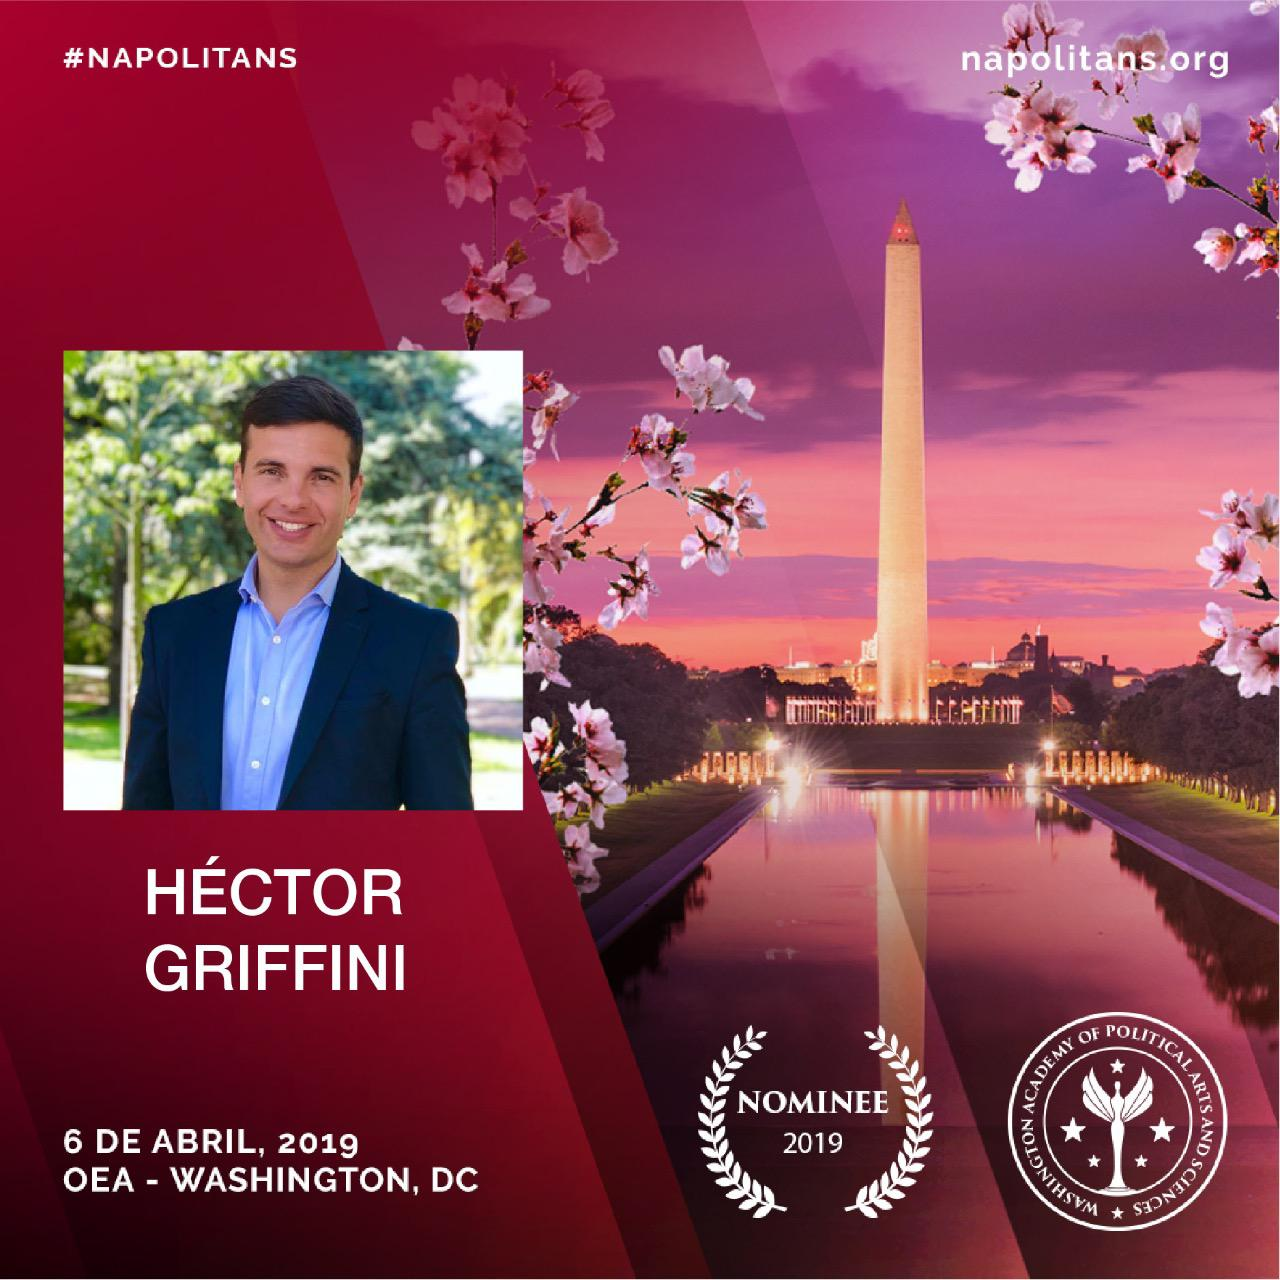 El lujanense Héctor Griffini nominado en Washington